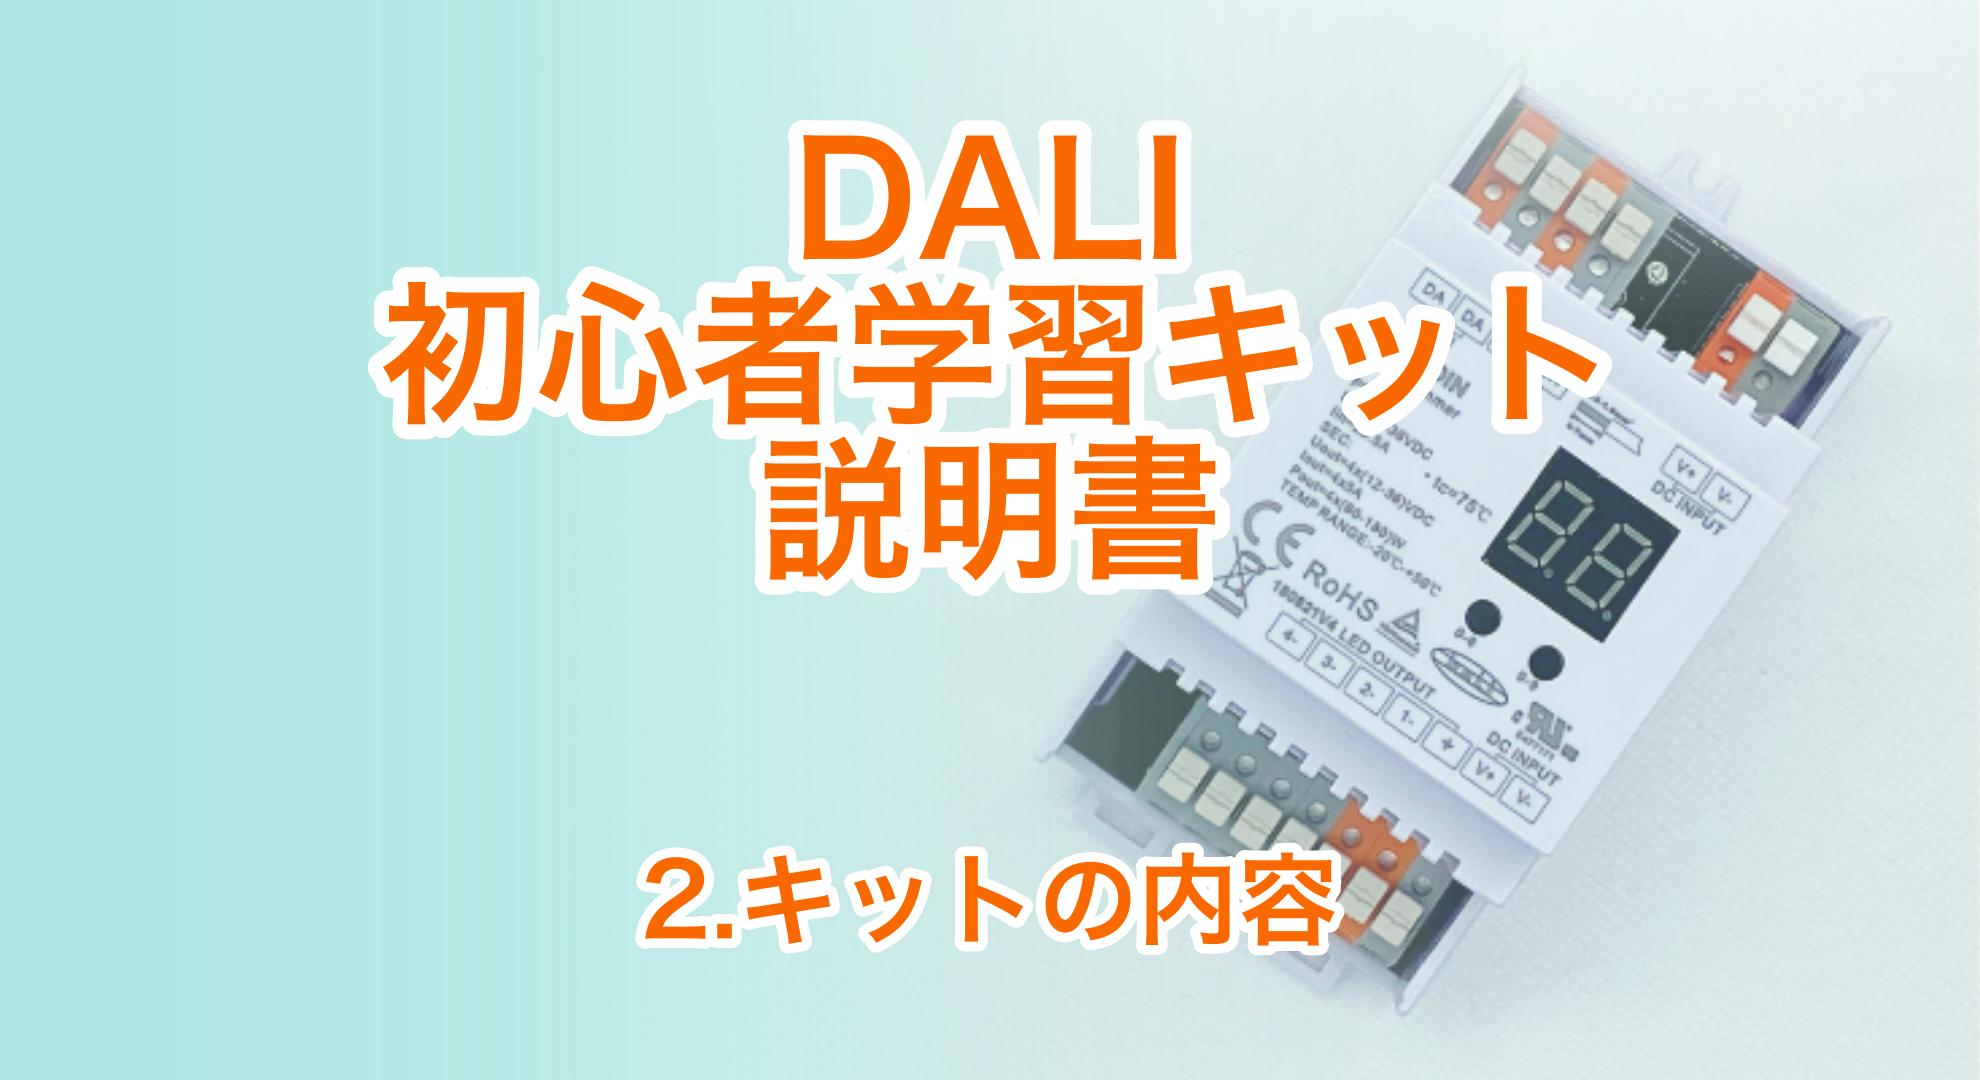 DALI初心者学習キット説明書 2.キットの内容